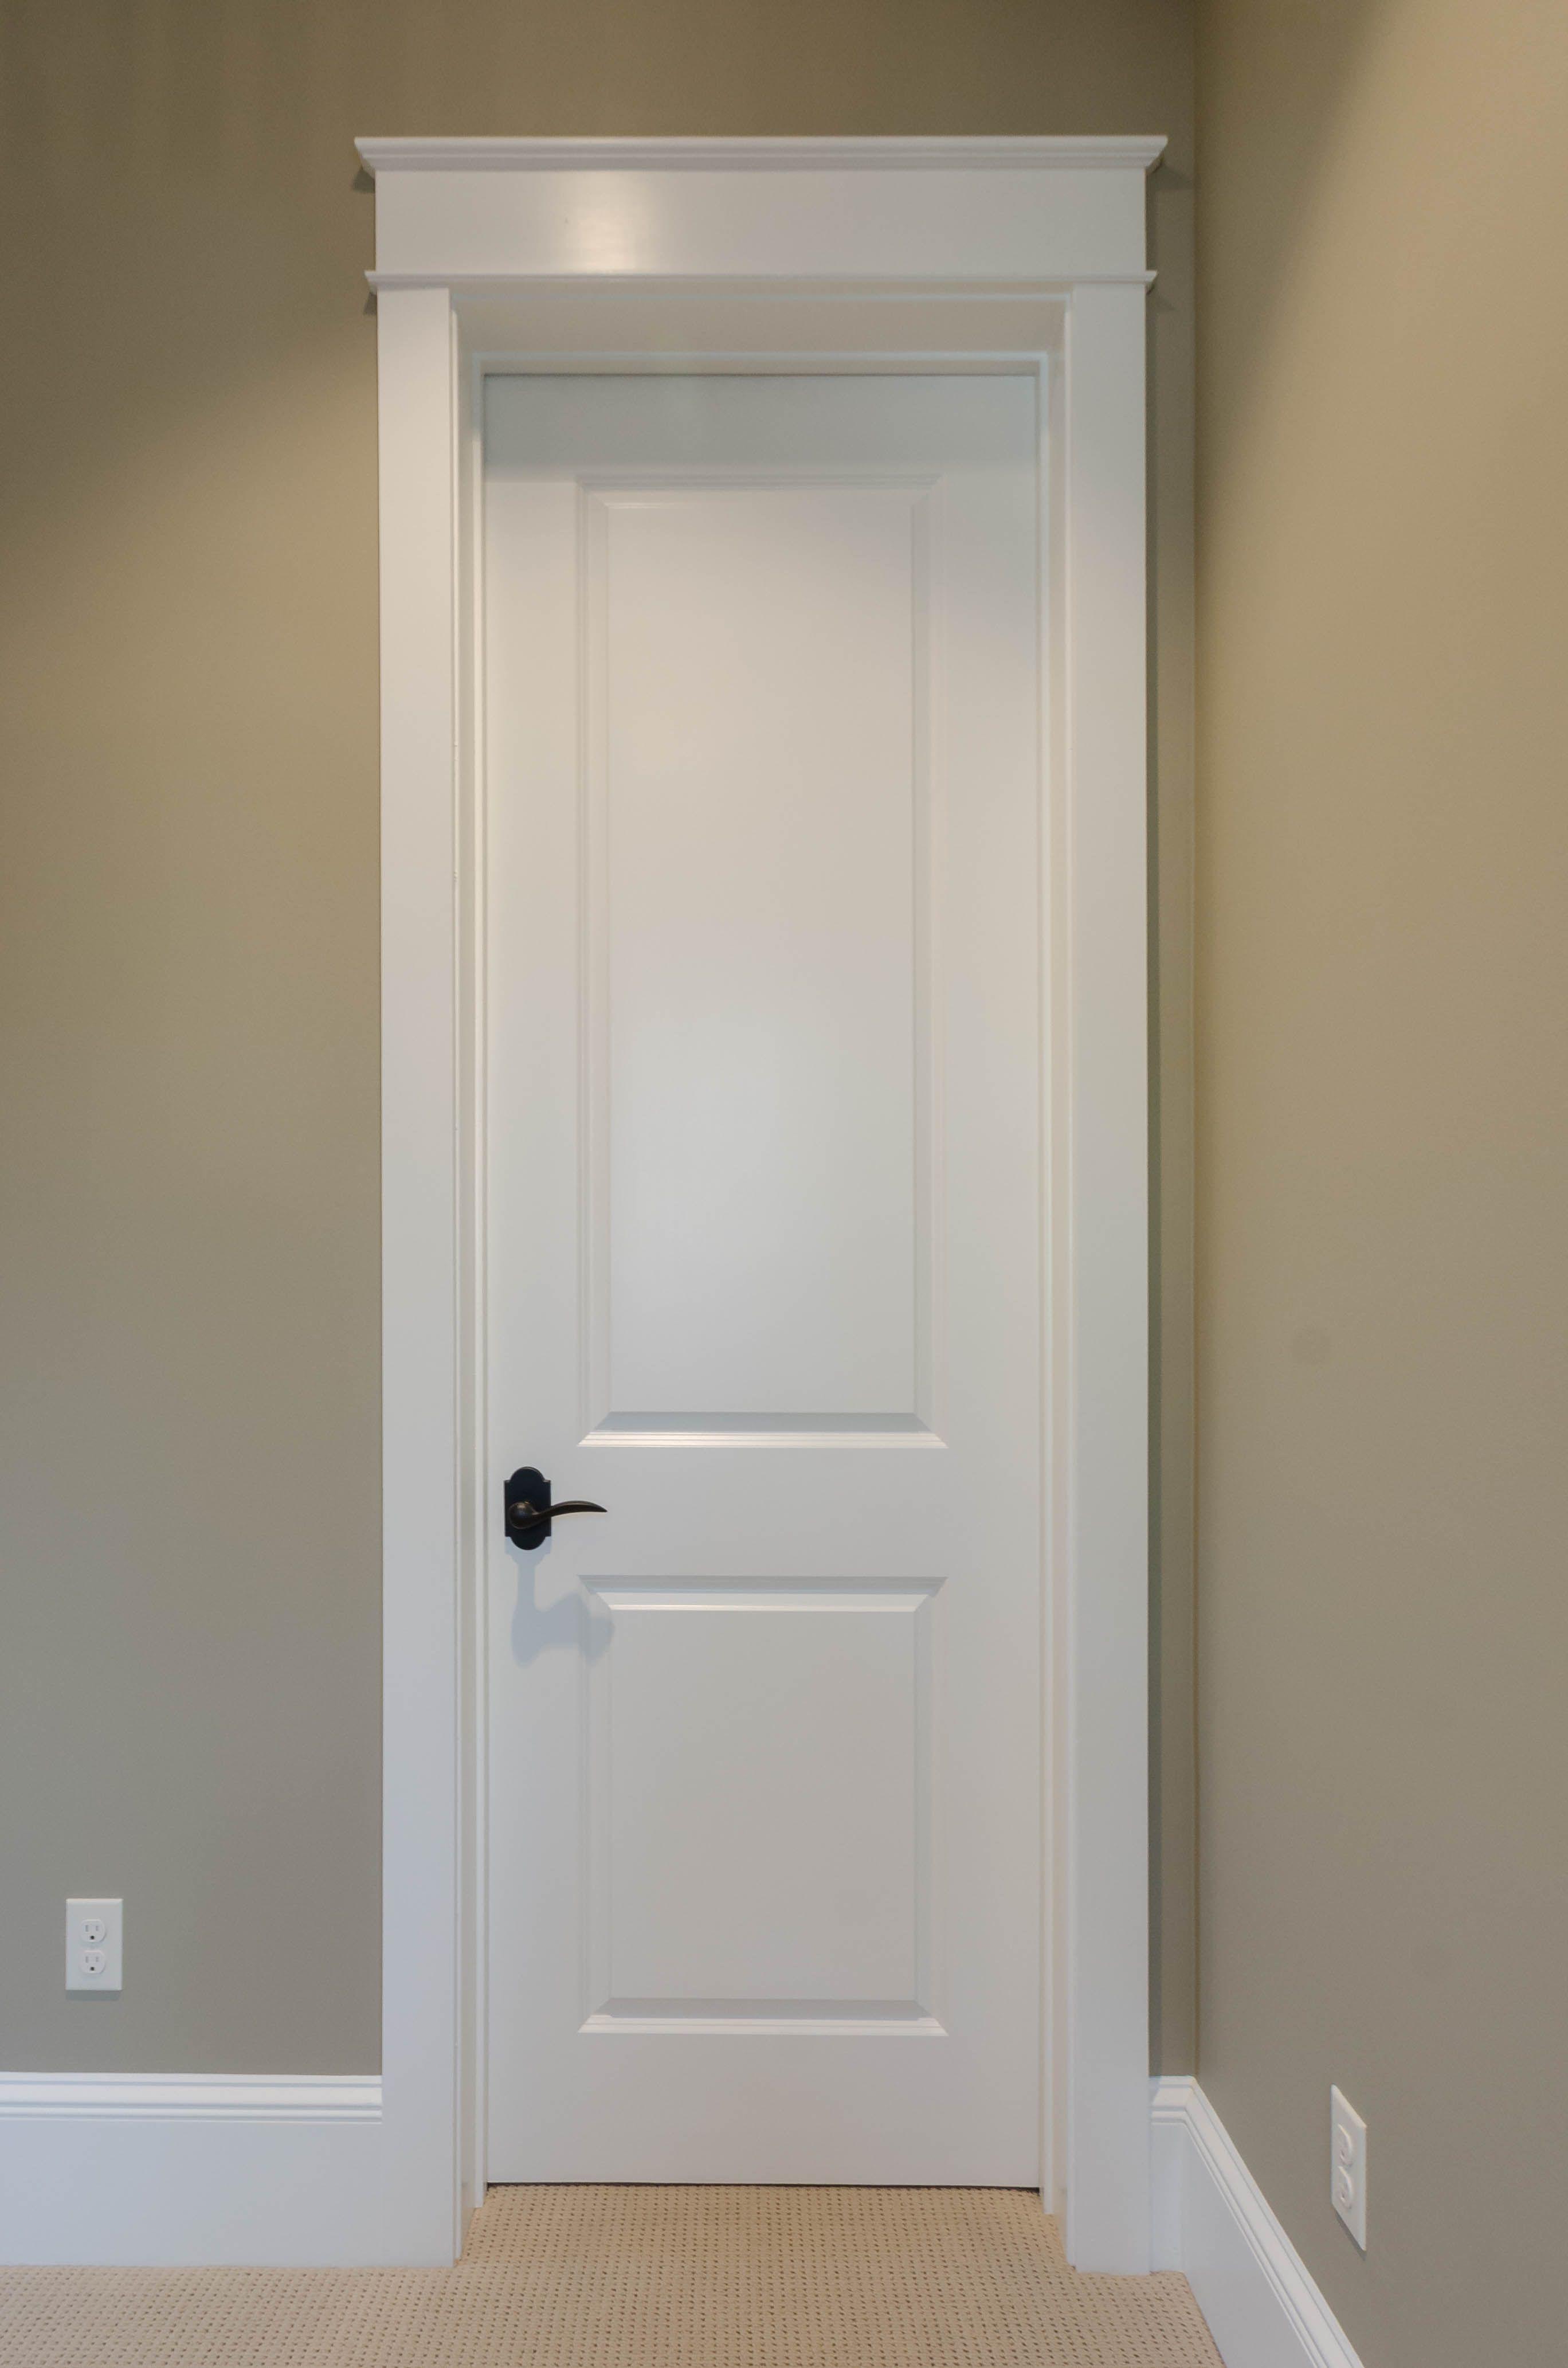 Interior Door Designs Jpg: Interior Doors - Wood And Moulded Varieties